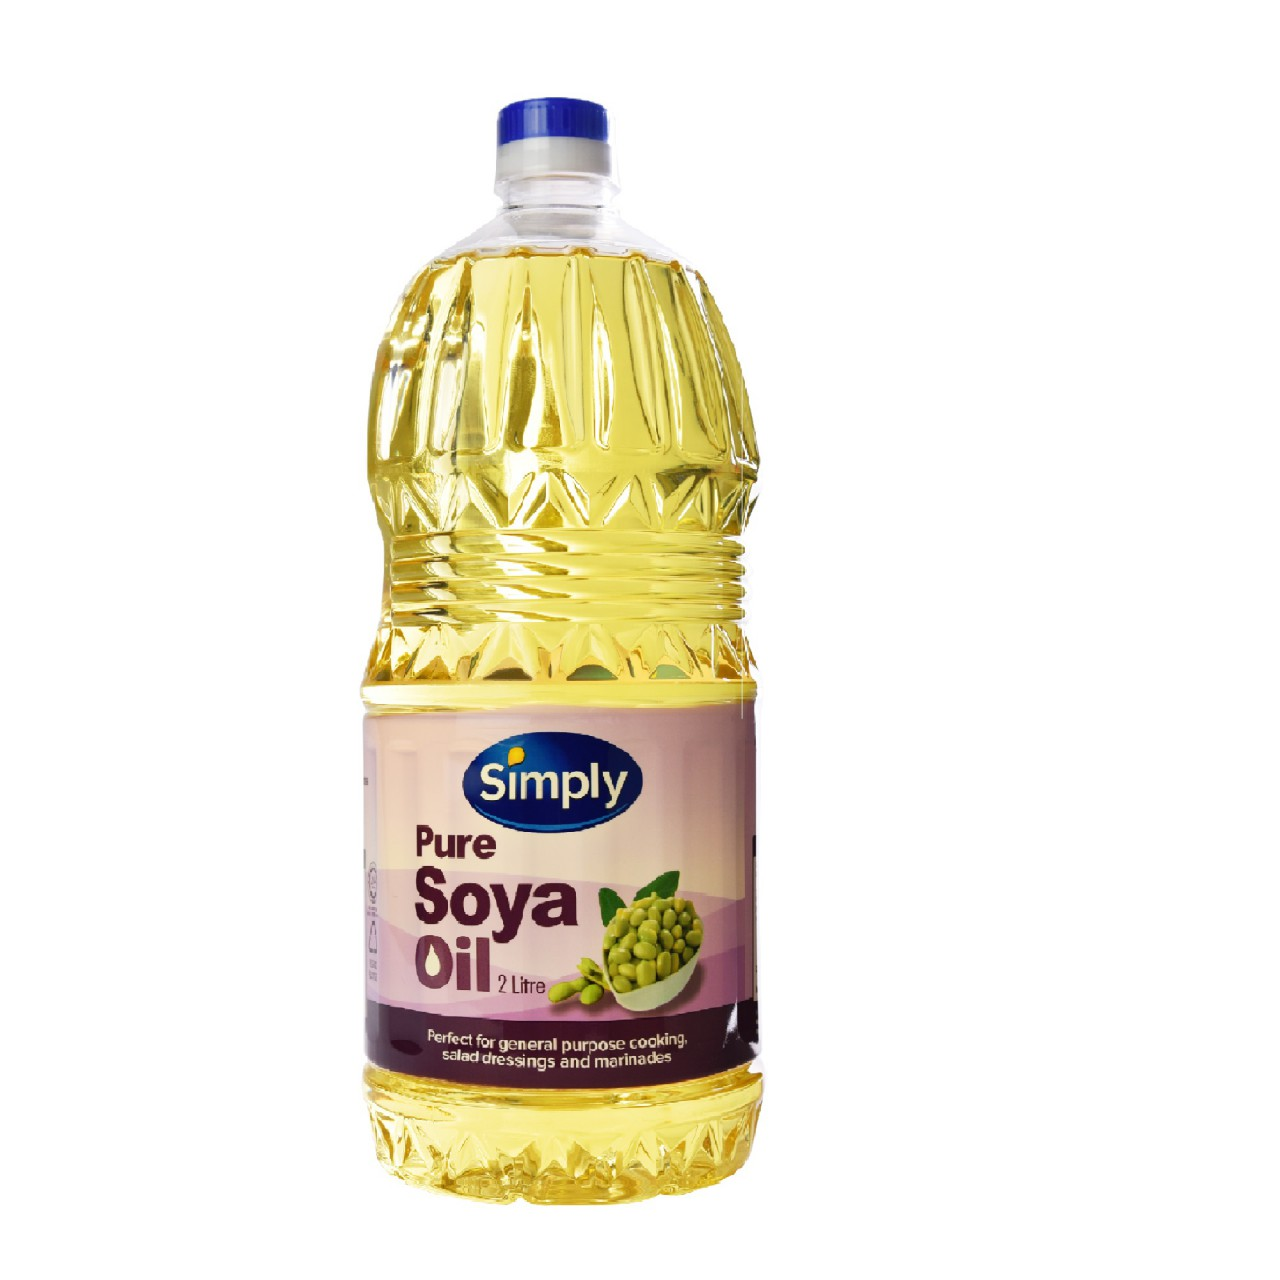 SIMPLY SOYA OIL 2L